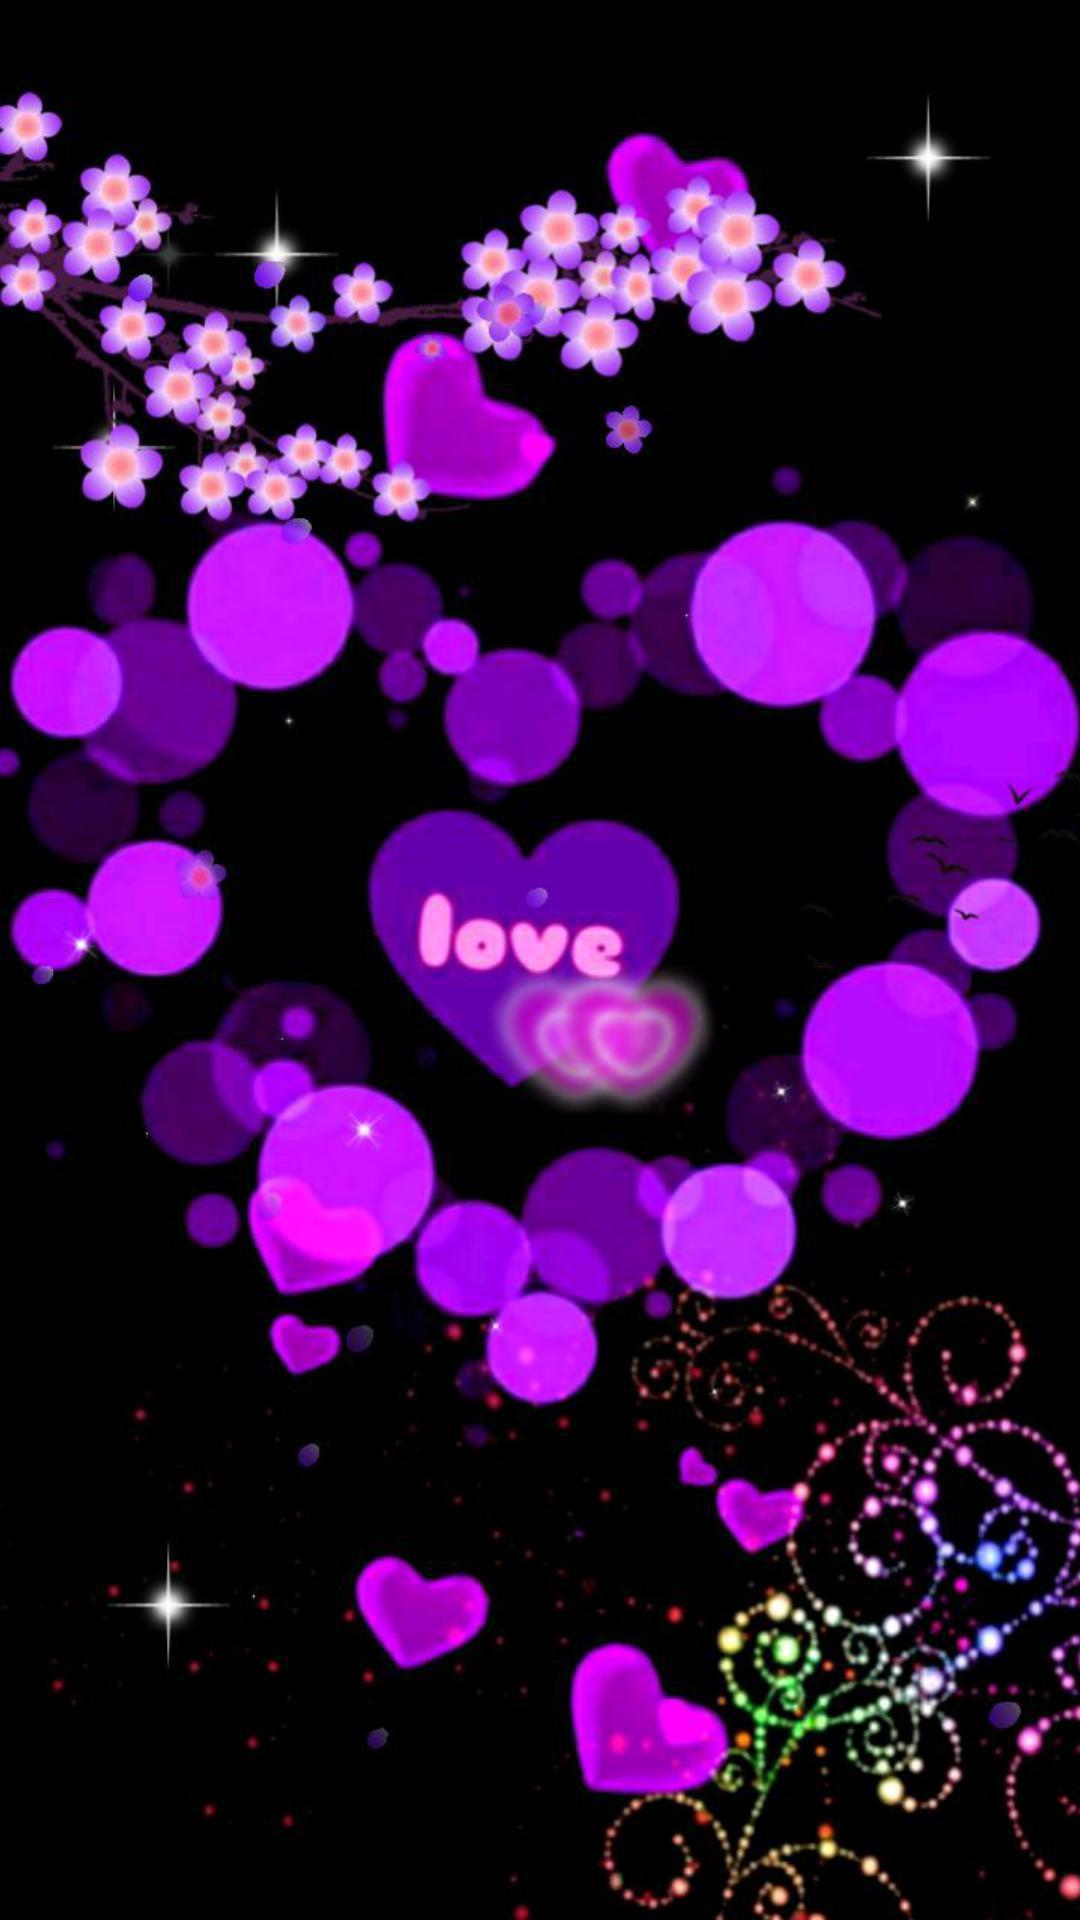 首页 游戏库 手机美化 紫色心情主题动态壁纸